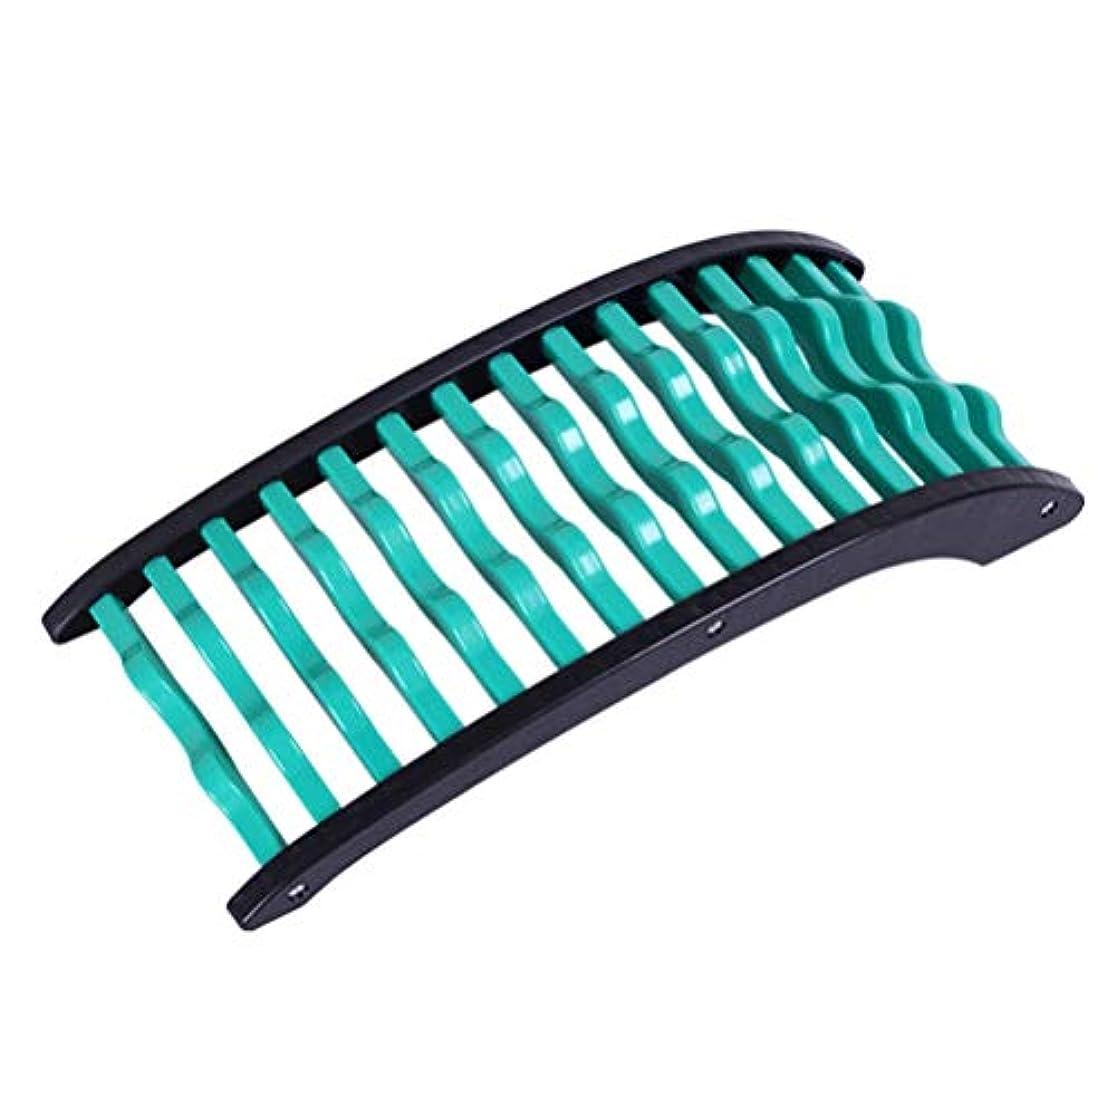 極めて重要なおもてなし雇うバックストレッチャー 腰椎矯正 腰痛リリーフ弧状腰椎引っ張りマッサージ器 寝るだけ簡単 ストレッチ (Color : 緑)